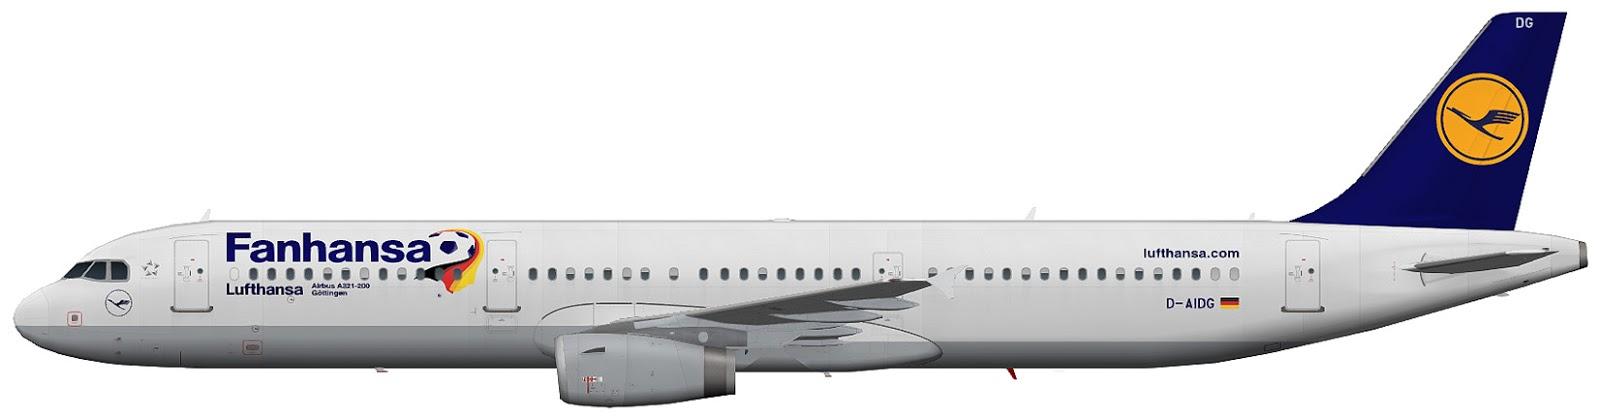 Немецкая авиакомпания сменит название на время проведения ЧМ - изображение 2